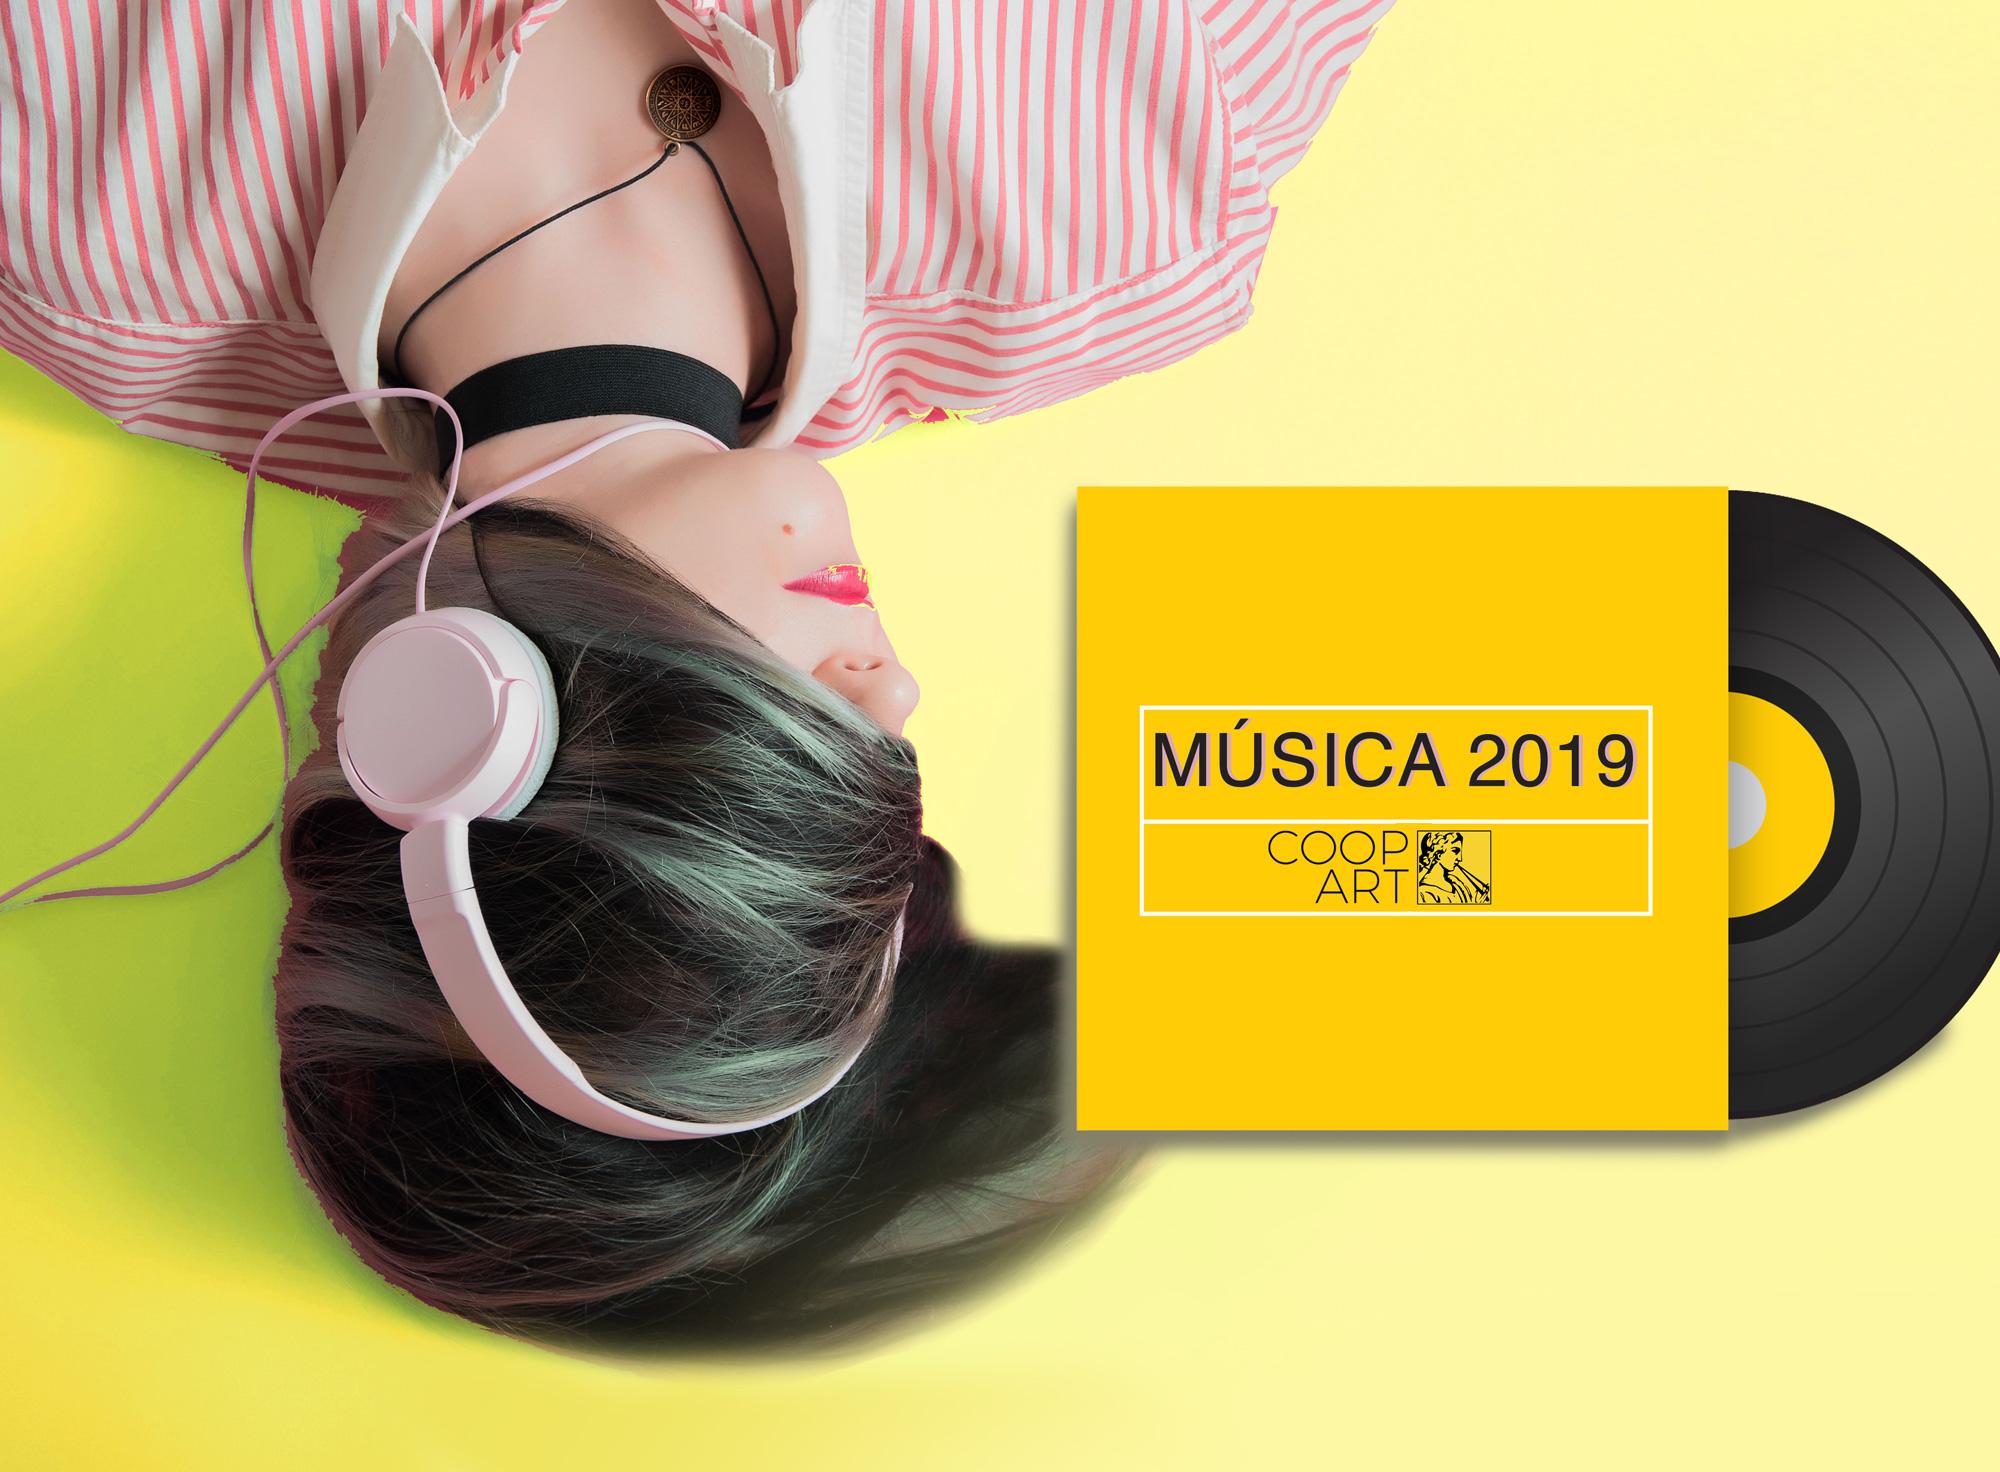 Escucha la mejor música actual 2019 recomendada por CoopArt